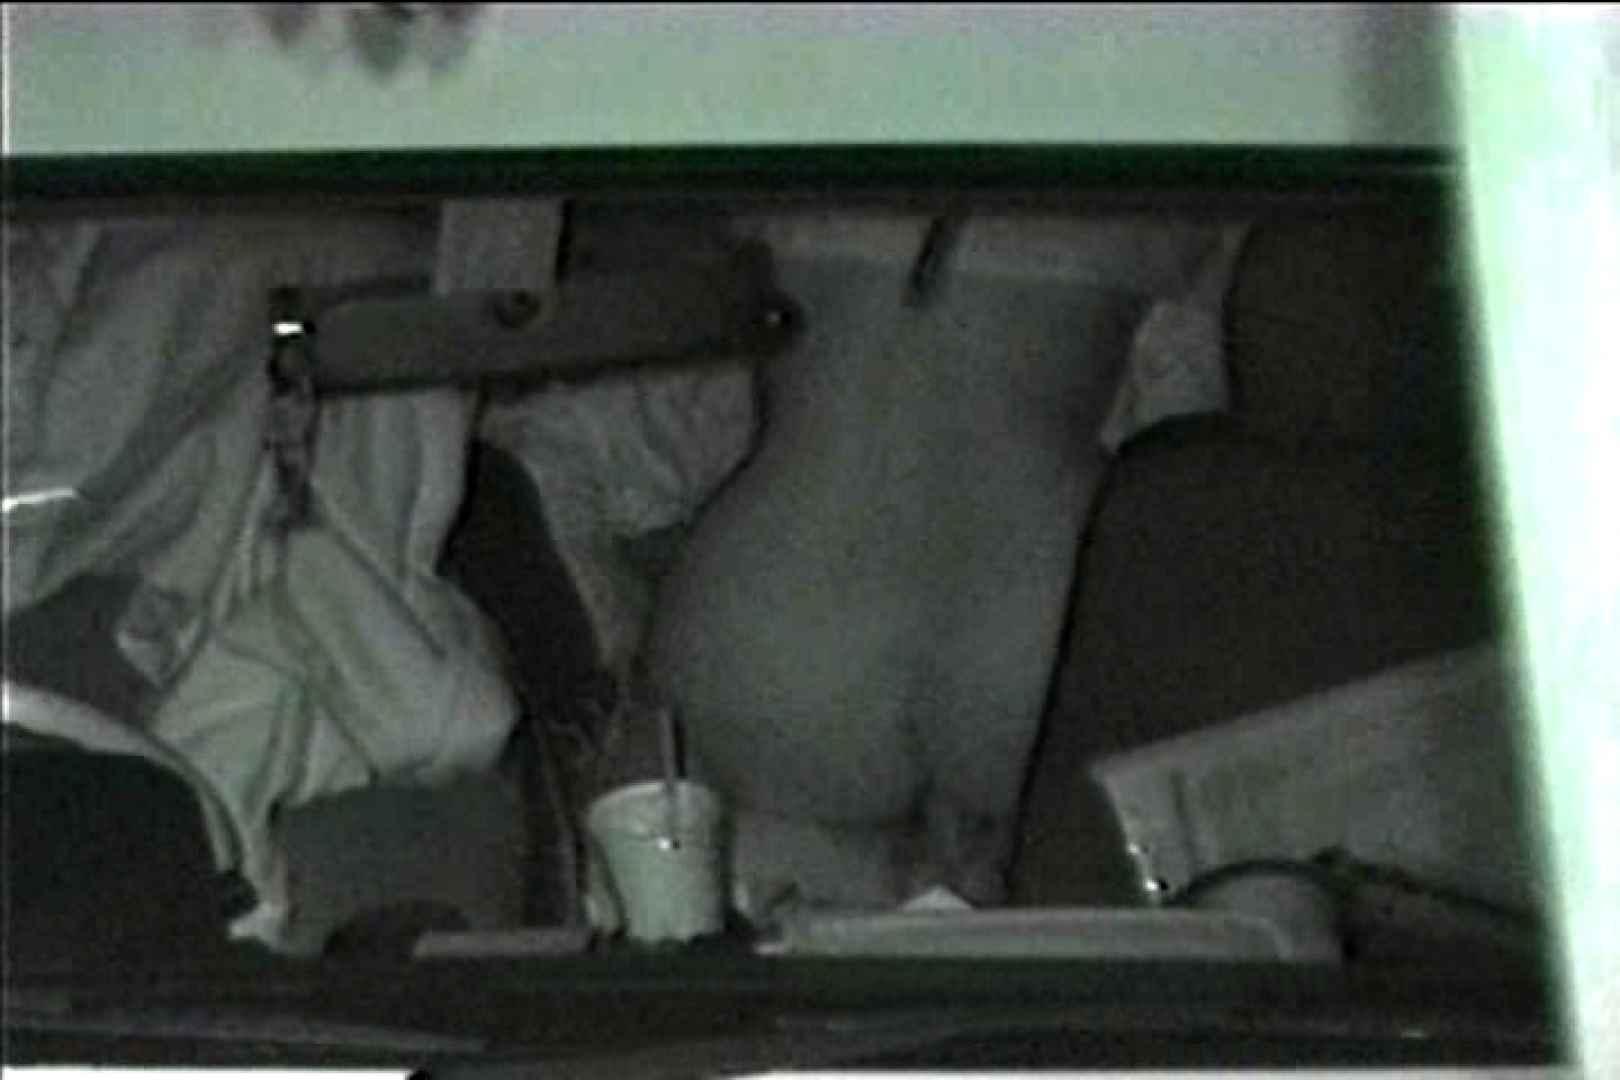 車の中はラブホテル 無修正版  Vol.7 接写 AV無料動画キャプチャ 84pic 18